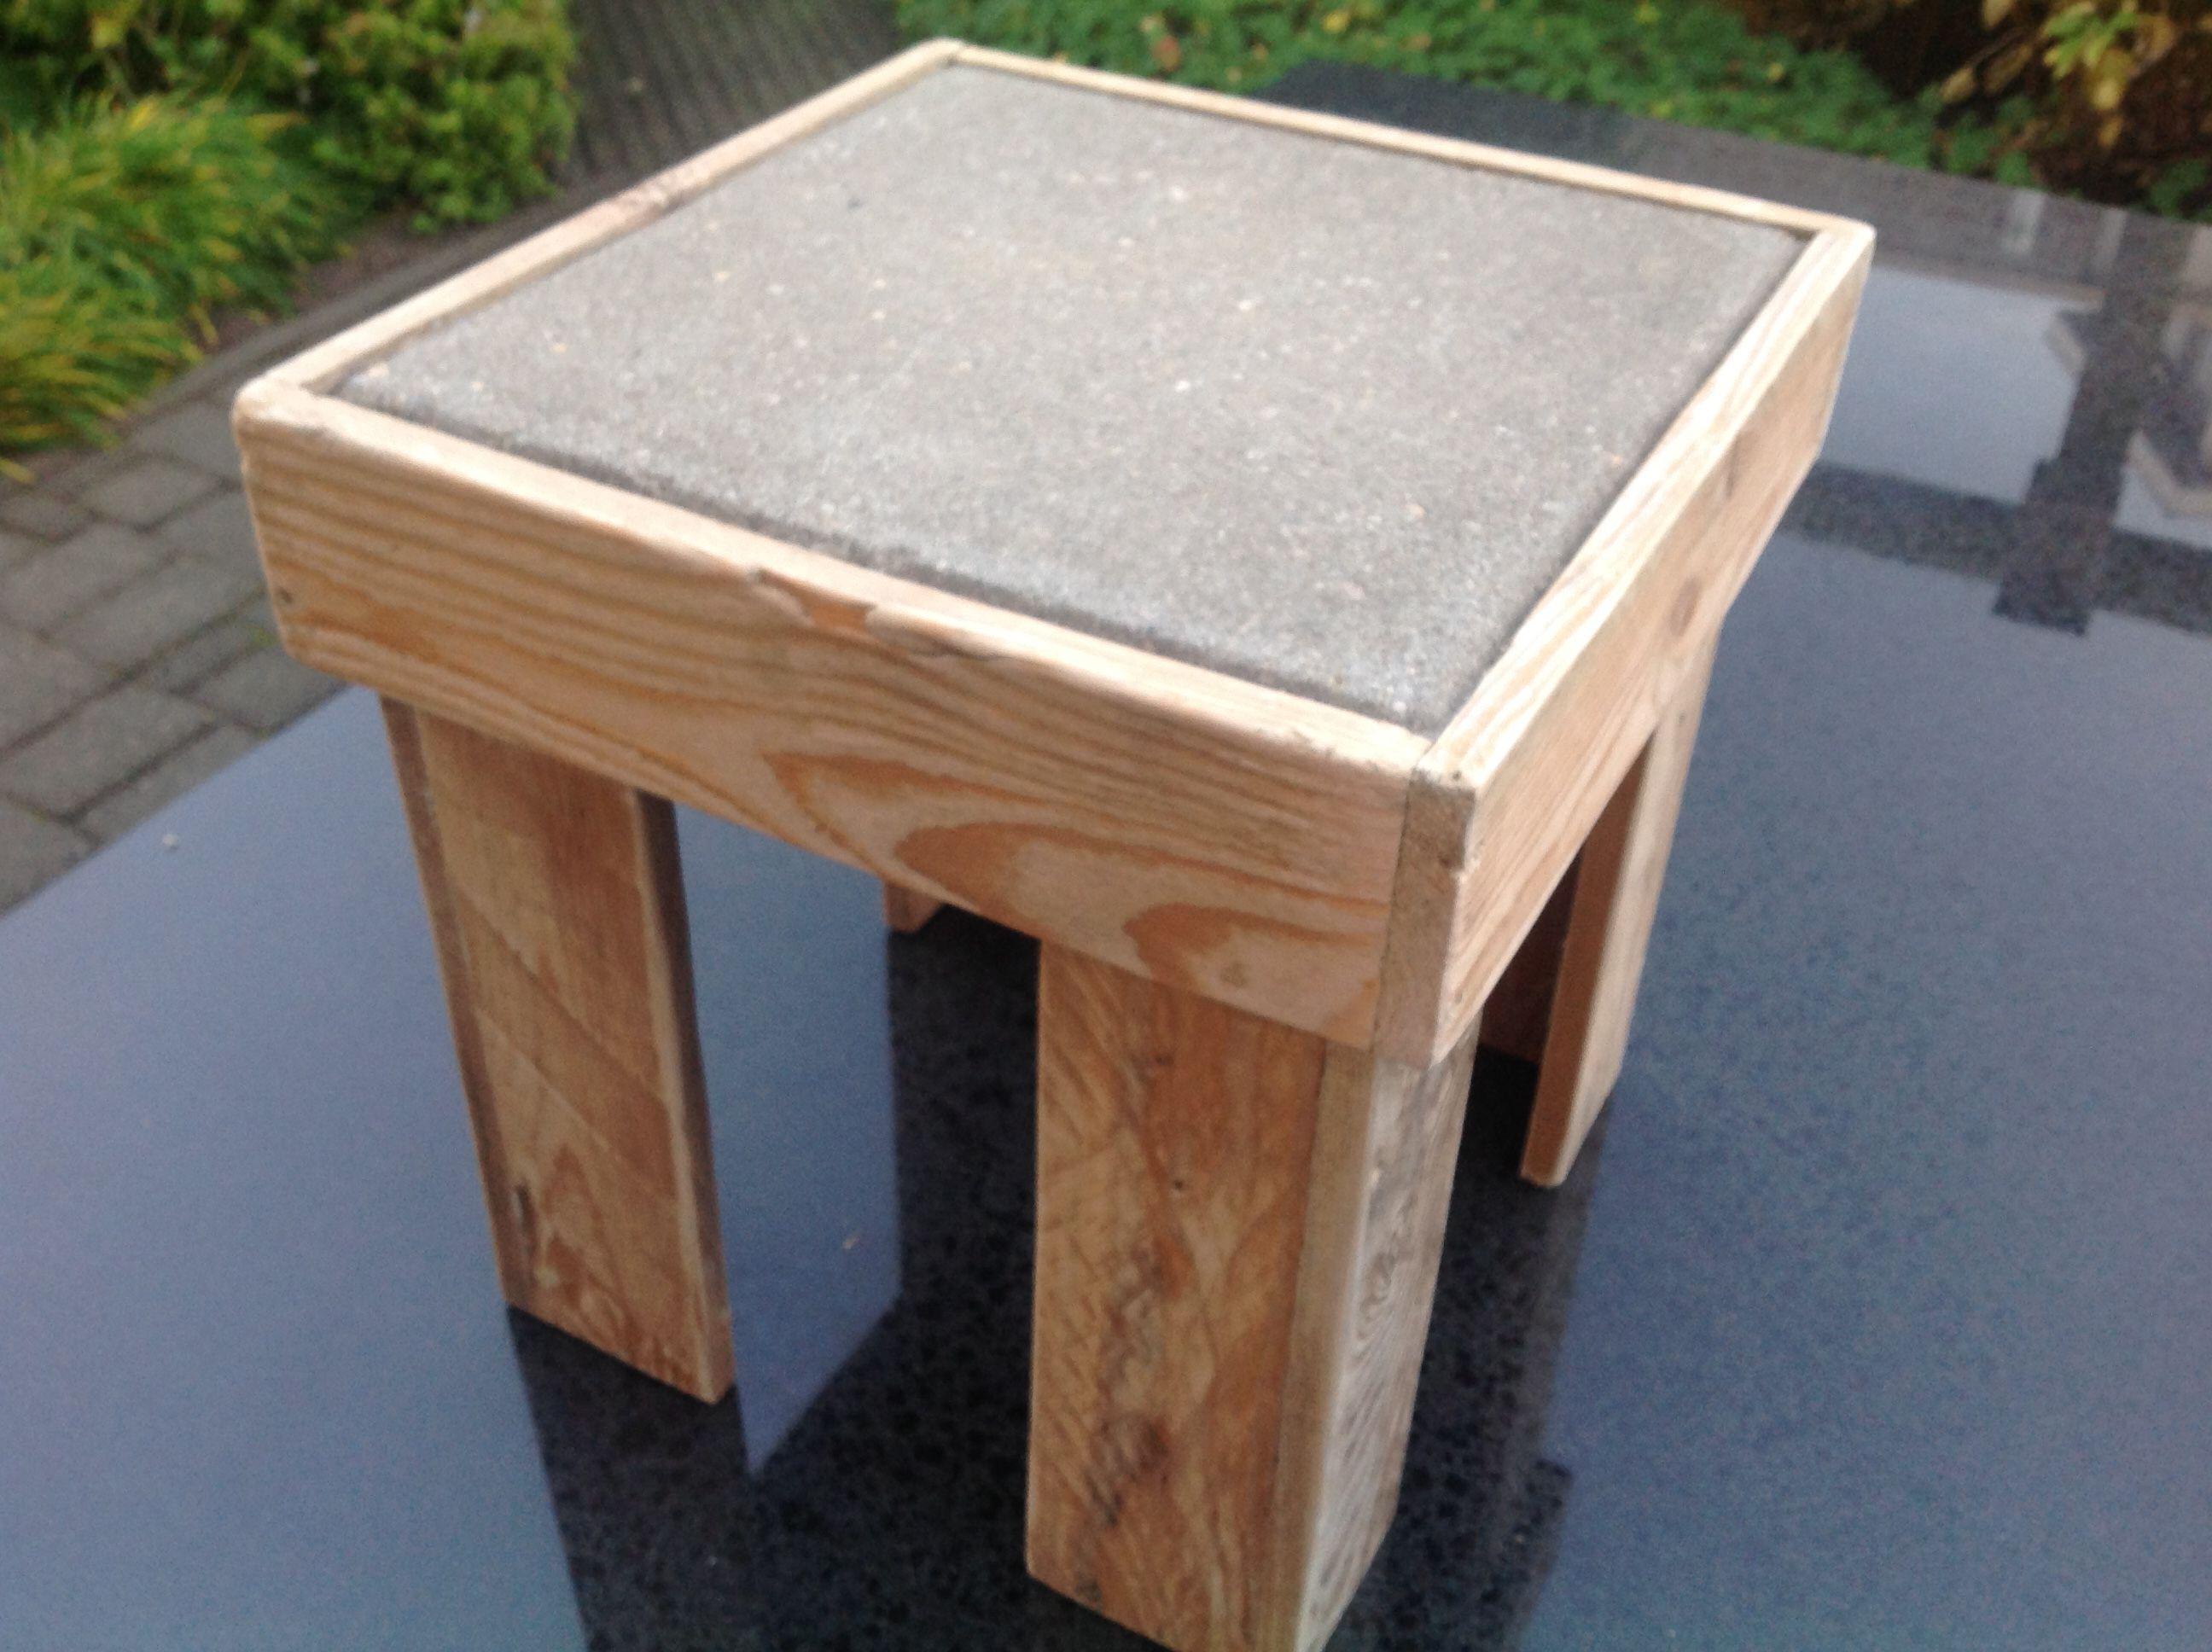 Plantentafel van pallethout met betontegel als blad